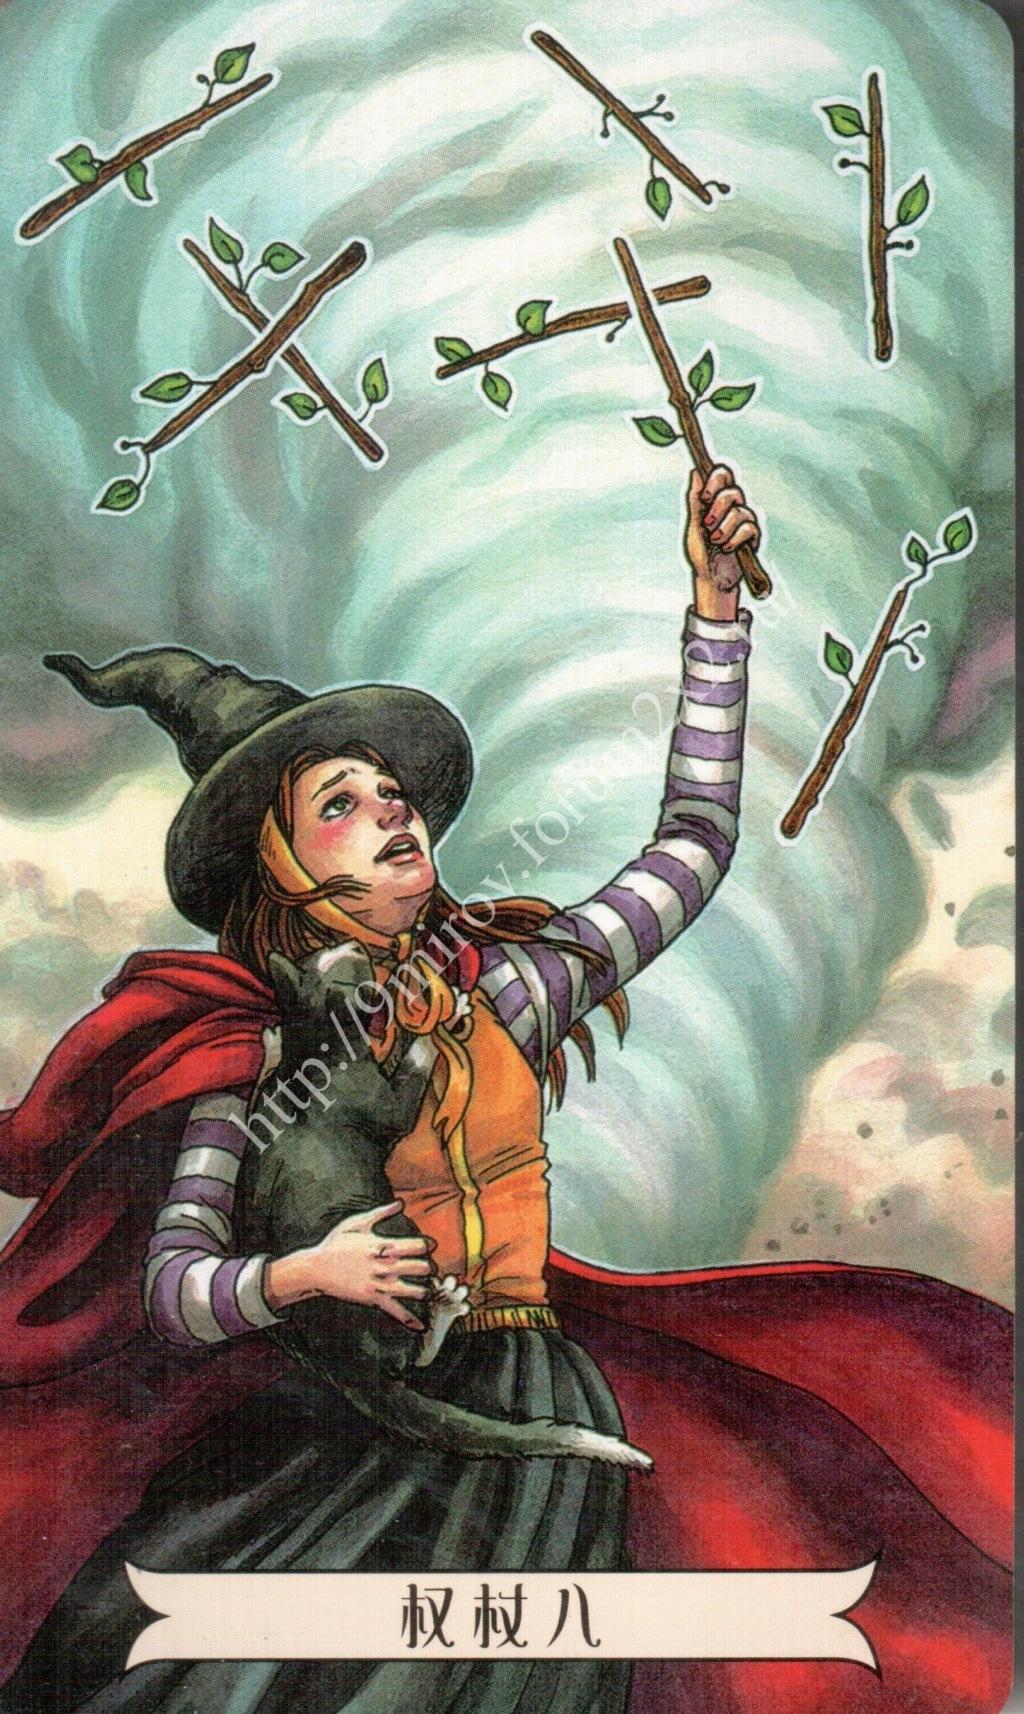 """""""Ведьма каждый день"""" (Ведьма день за днем, Everyday Witch Tarot). Китайская версия. Галерея.   Waterm51"""